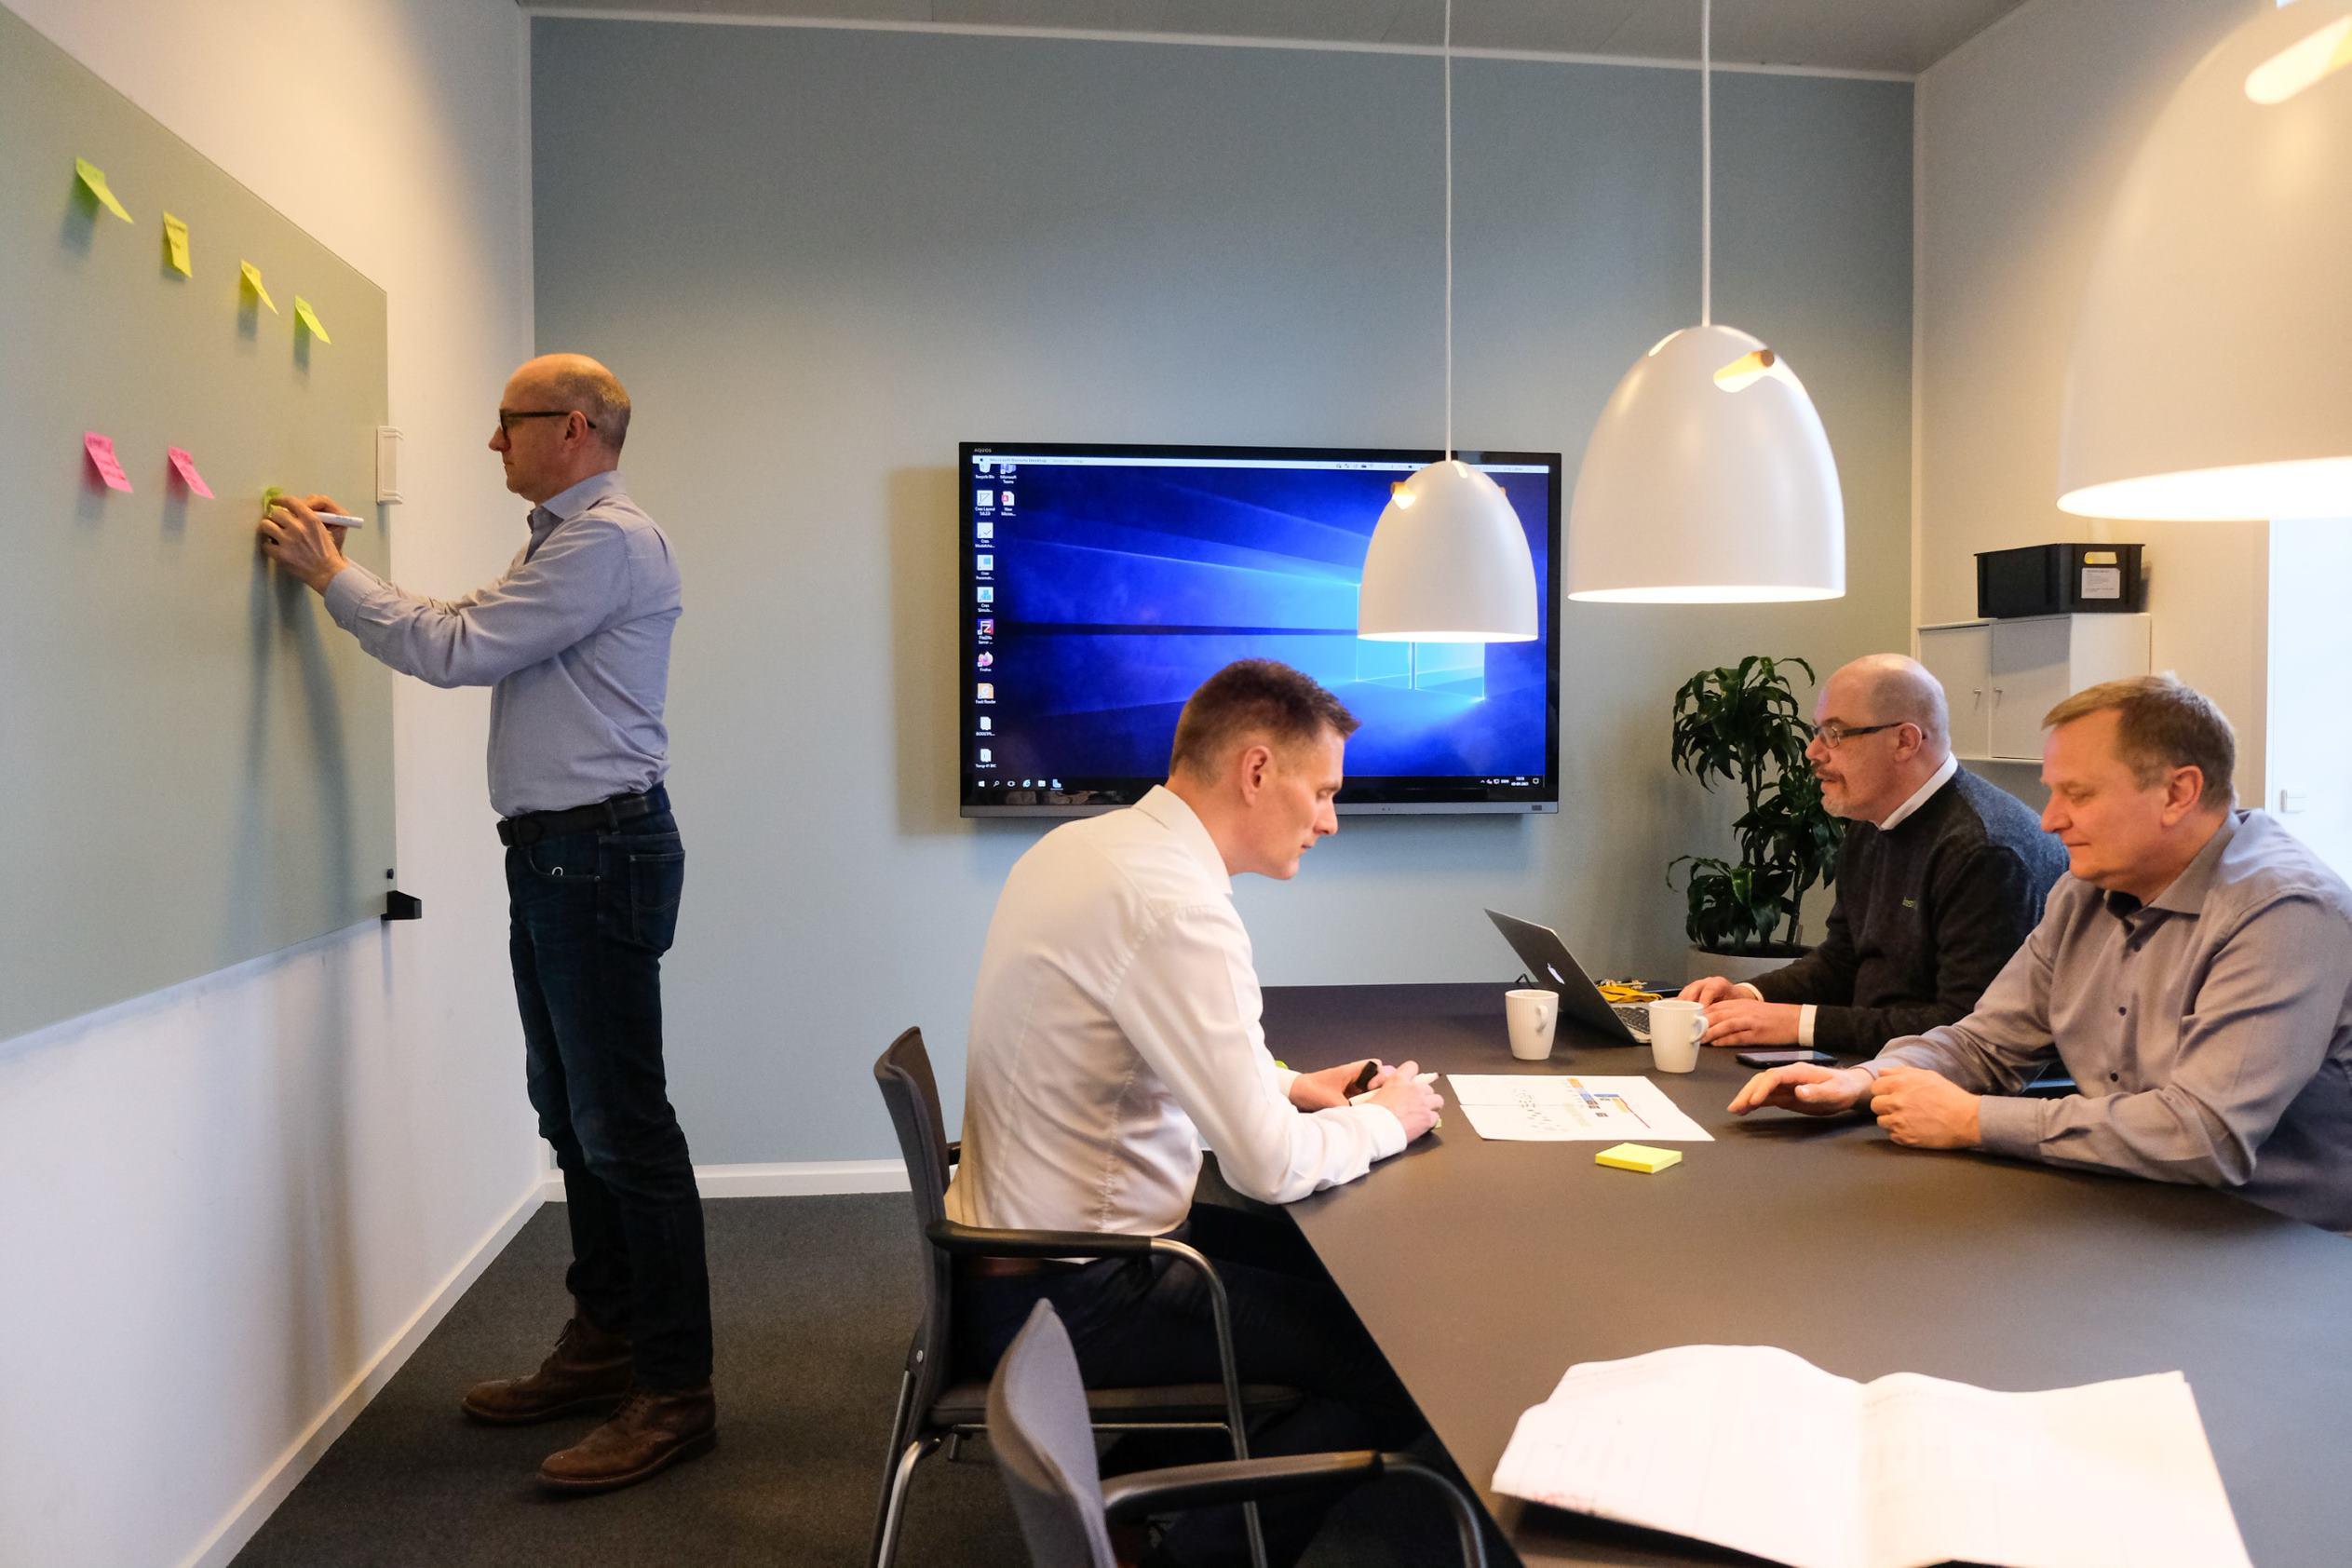 Meeting in meeting room